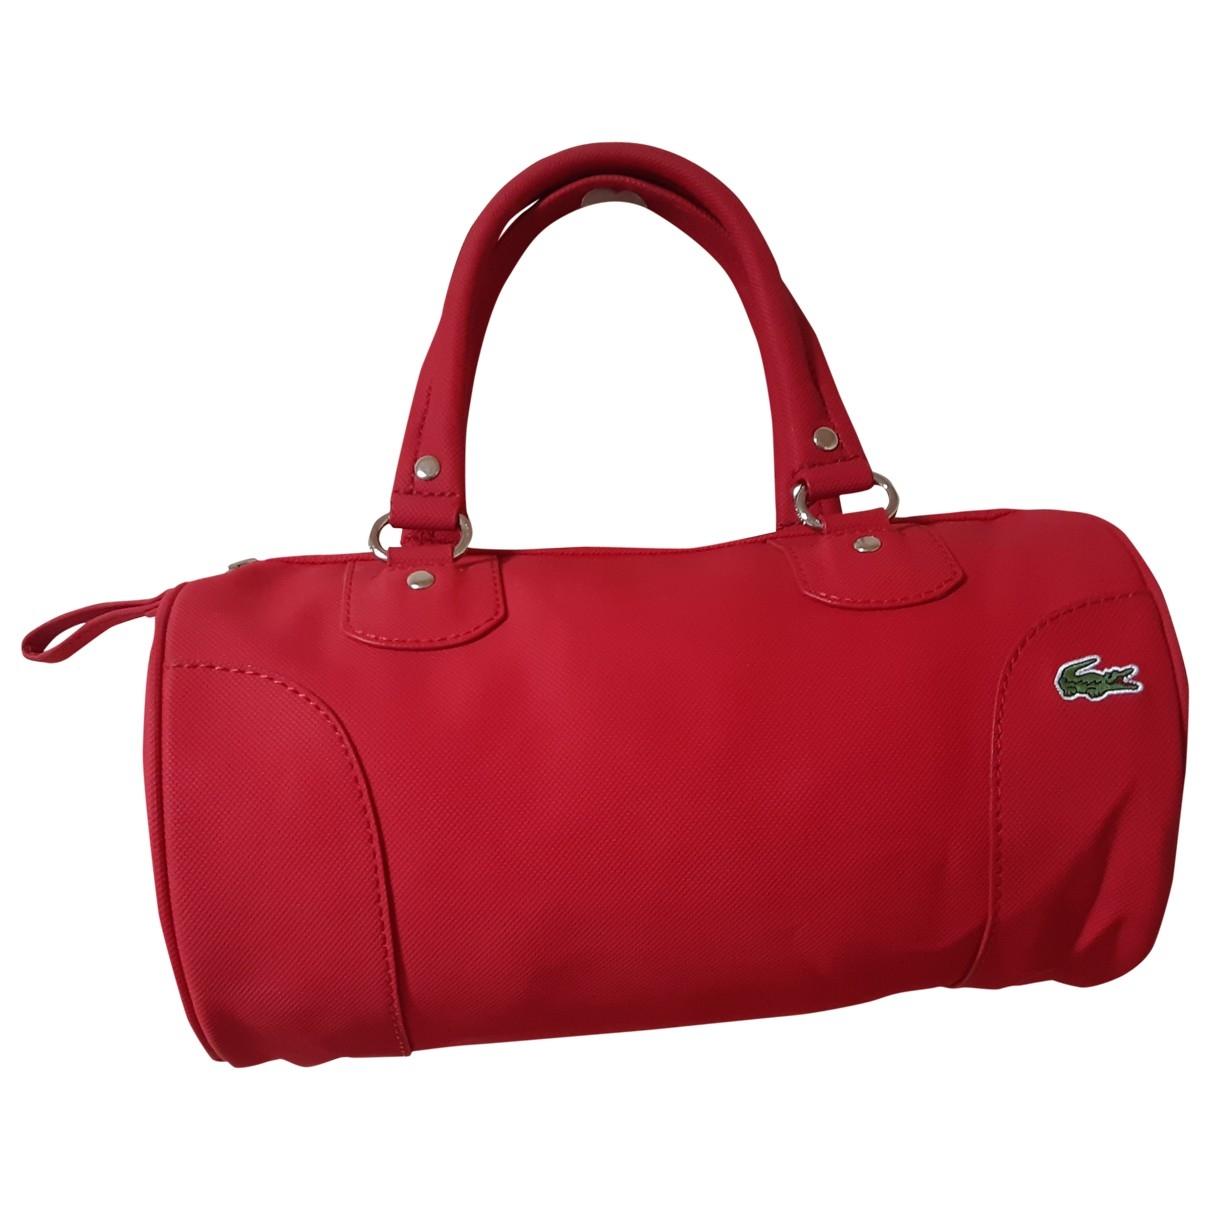 Lacoste \N Red handbag for Women \N